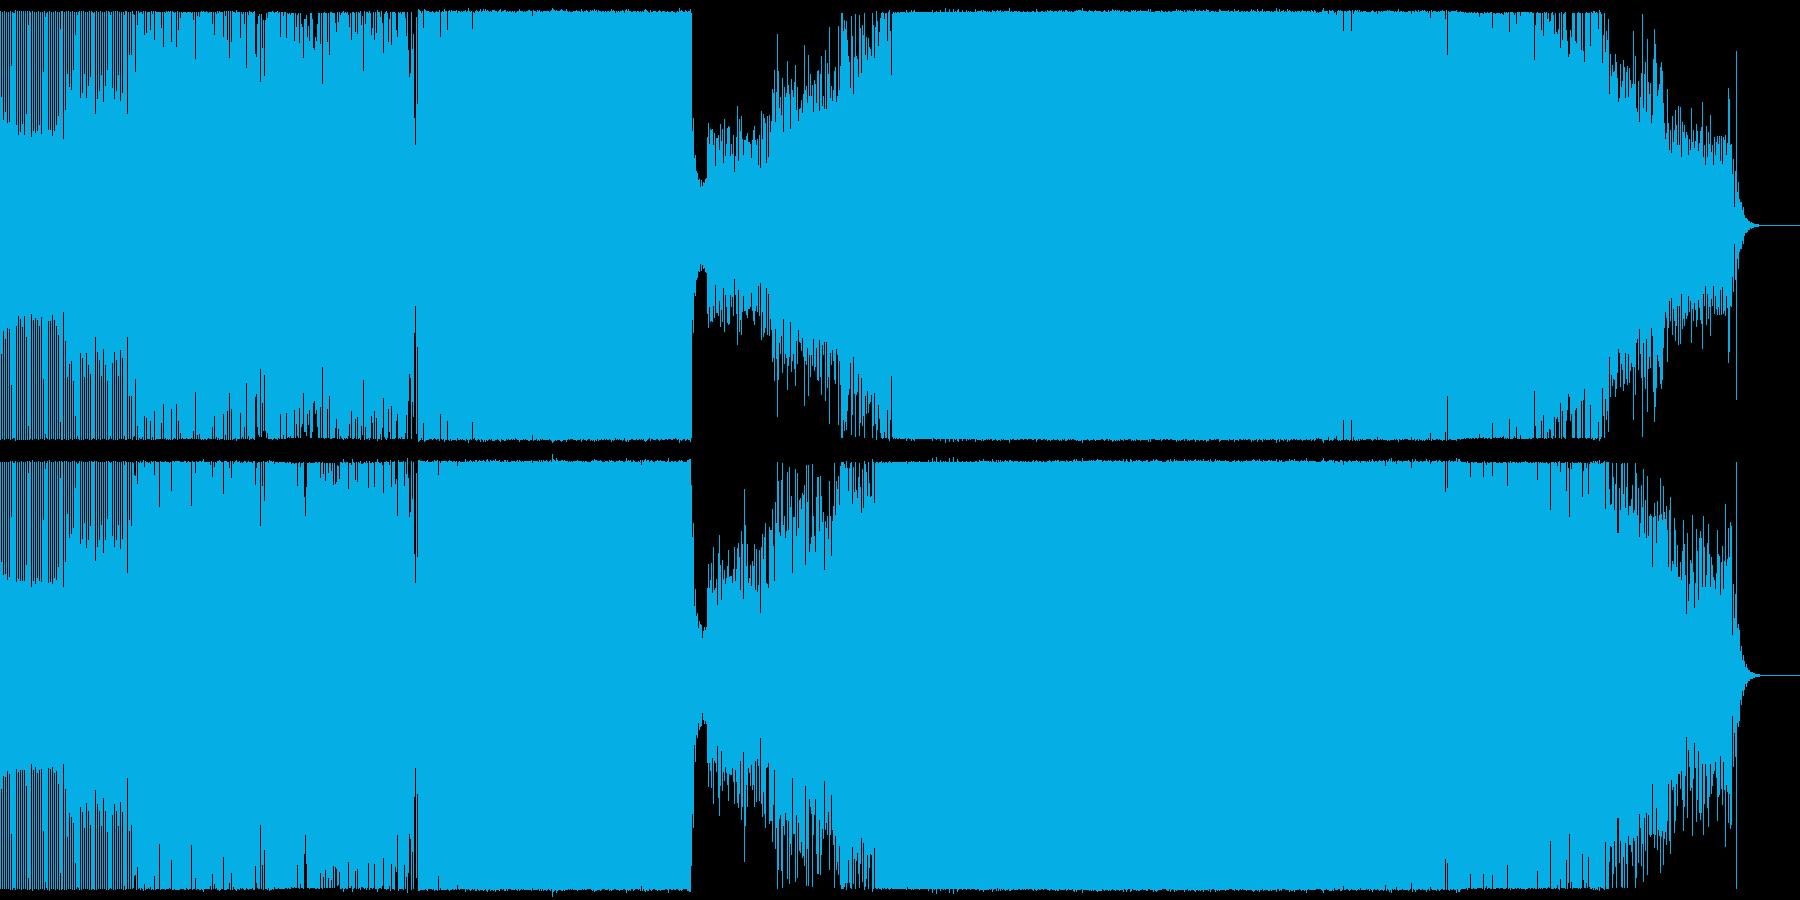 クラブ/ハウスの再生済みの波形